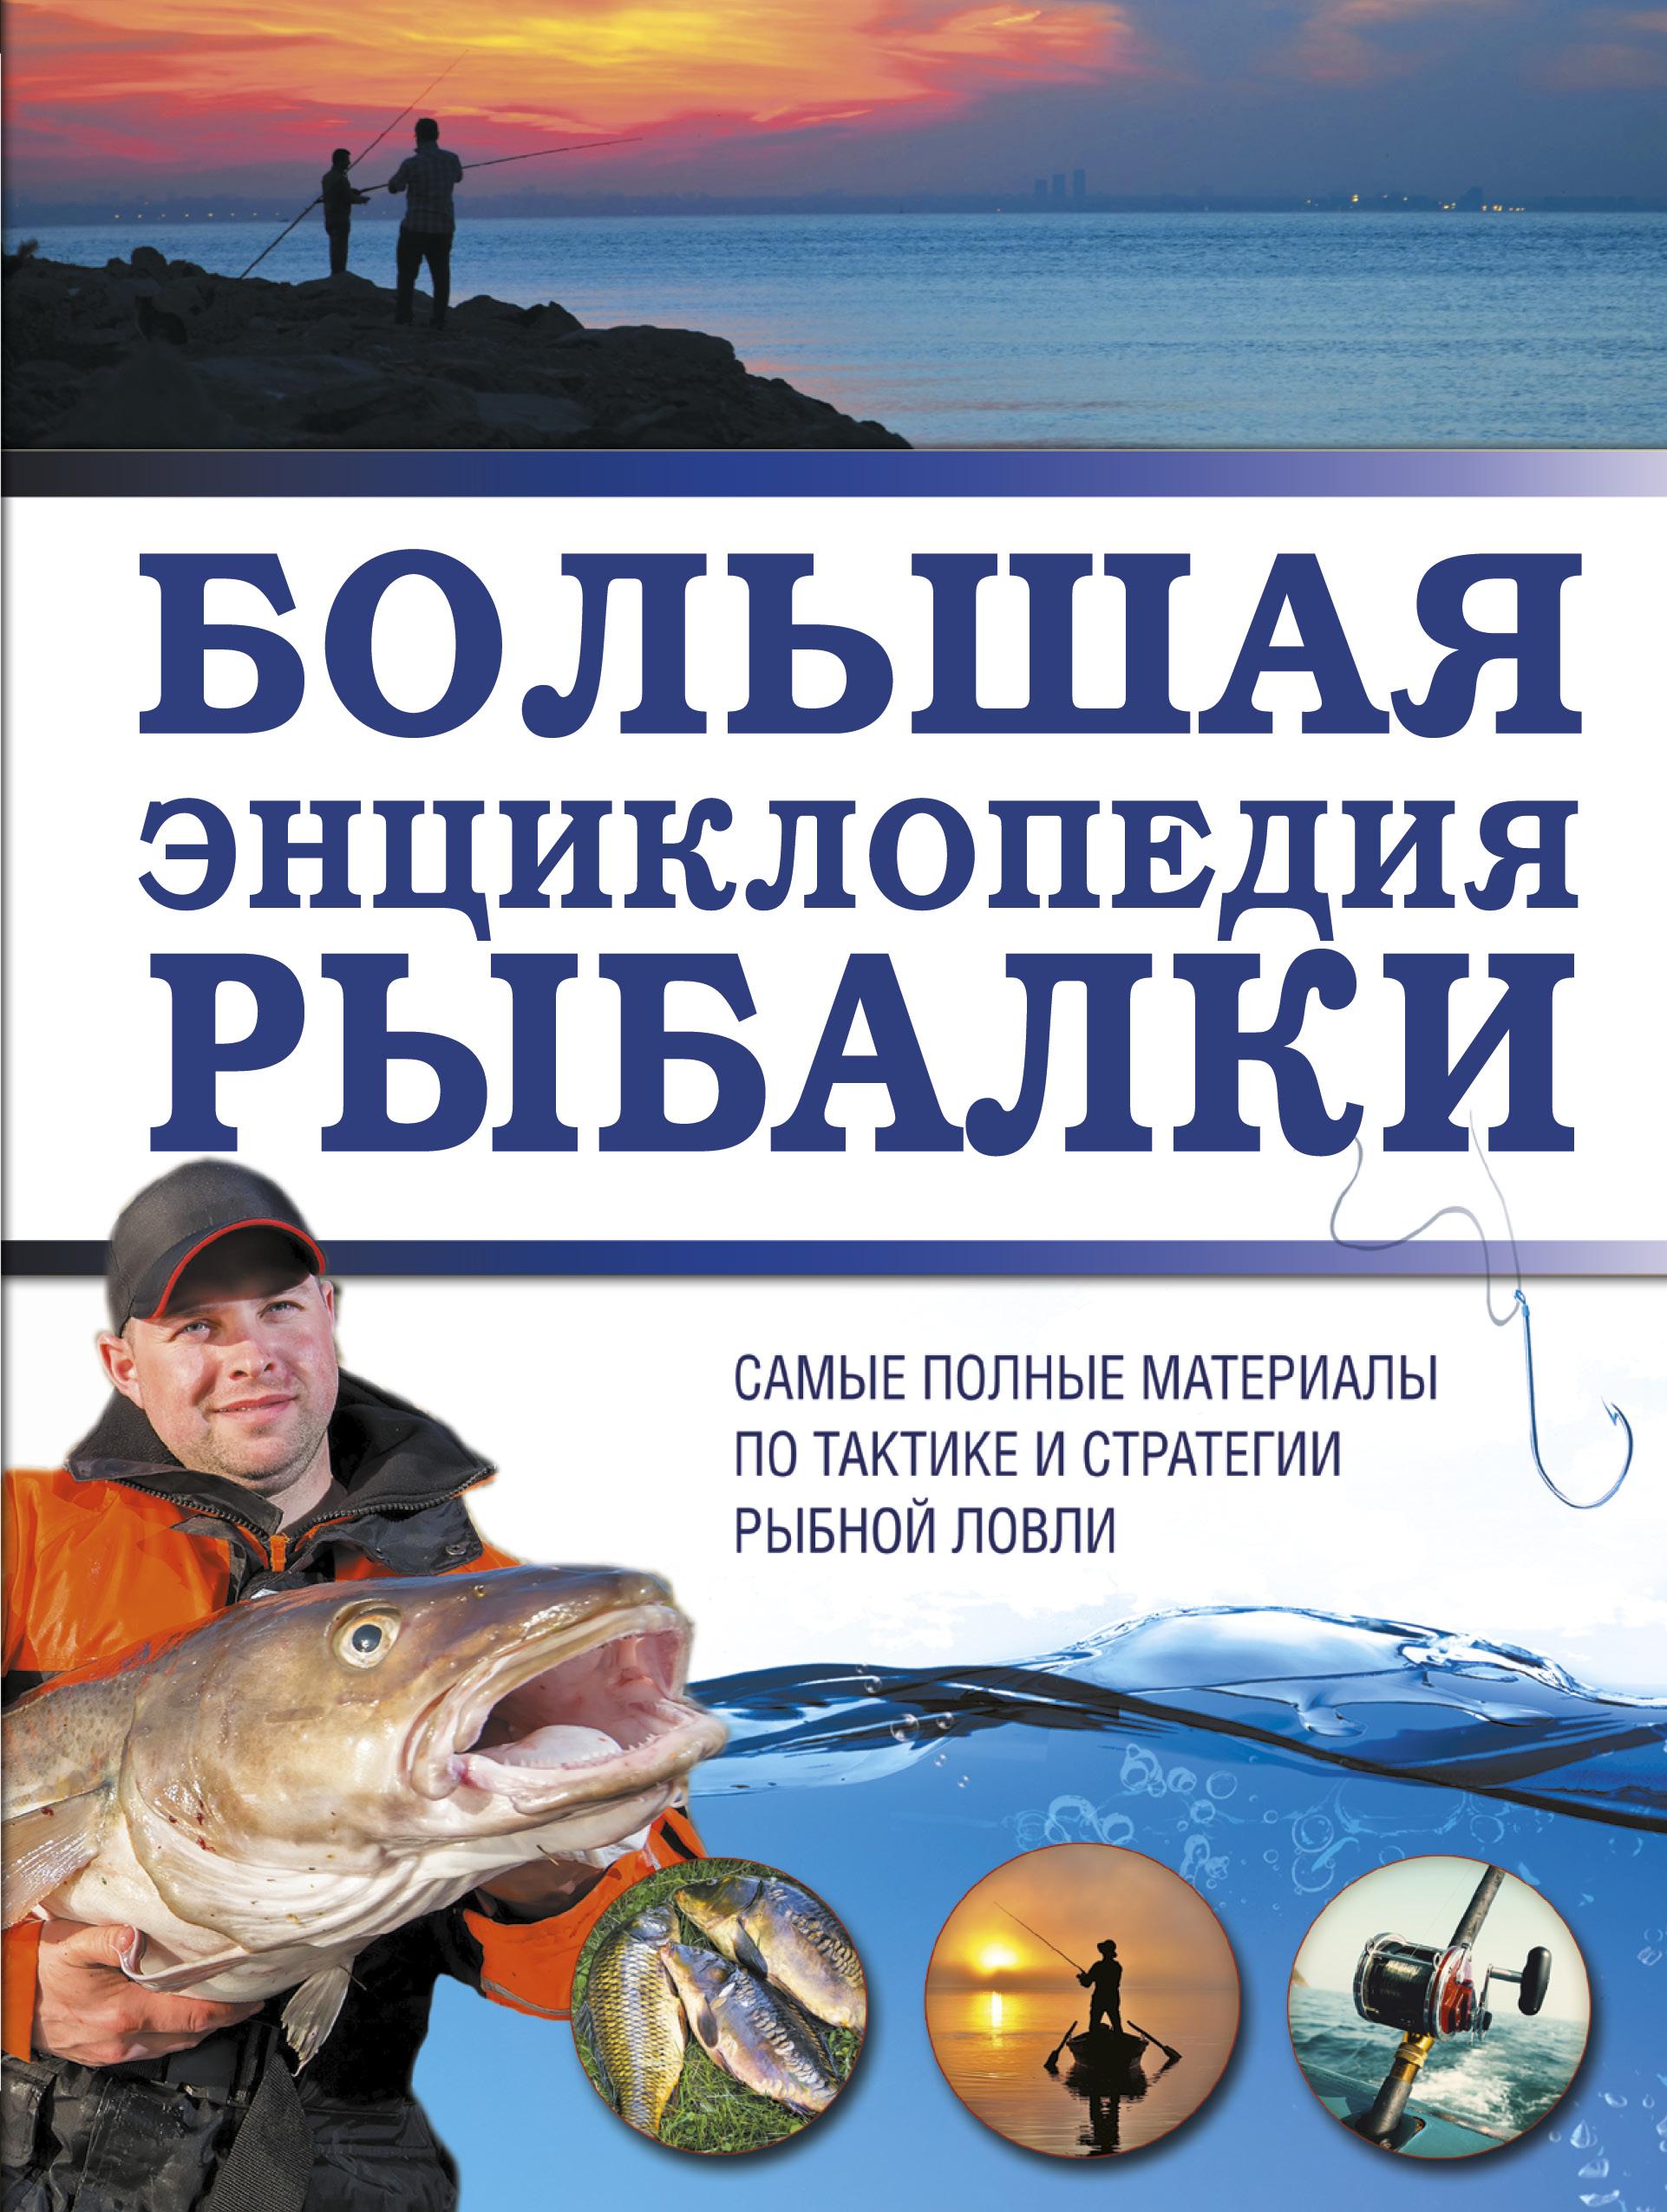 Мельников И.В. Большая энциклопедия рыбалки что прописать чтобы jetpack на с рфе